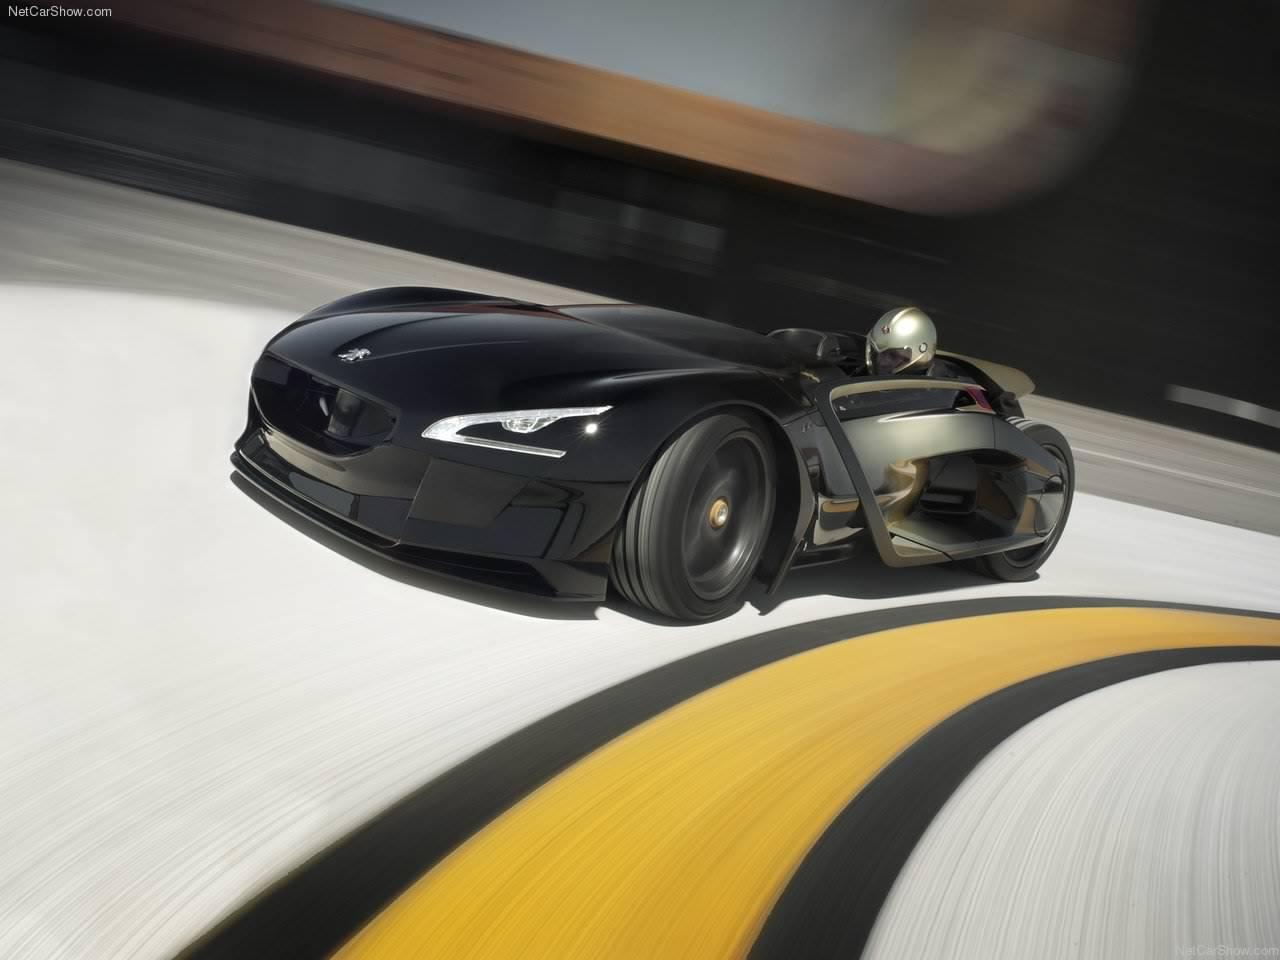 http://1.bp.blogspot.com/_lsyt_wQ2awY/TJroPut2AaI/AAAAAAACFOQ/JM4feNzIcXo/s1600/Peugeot-EX1_Concept_2010_1280x960_wallpaper_02.jpg